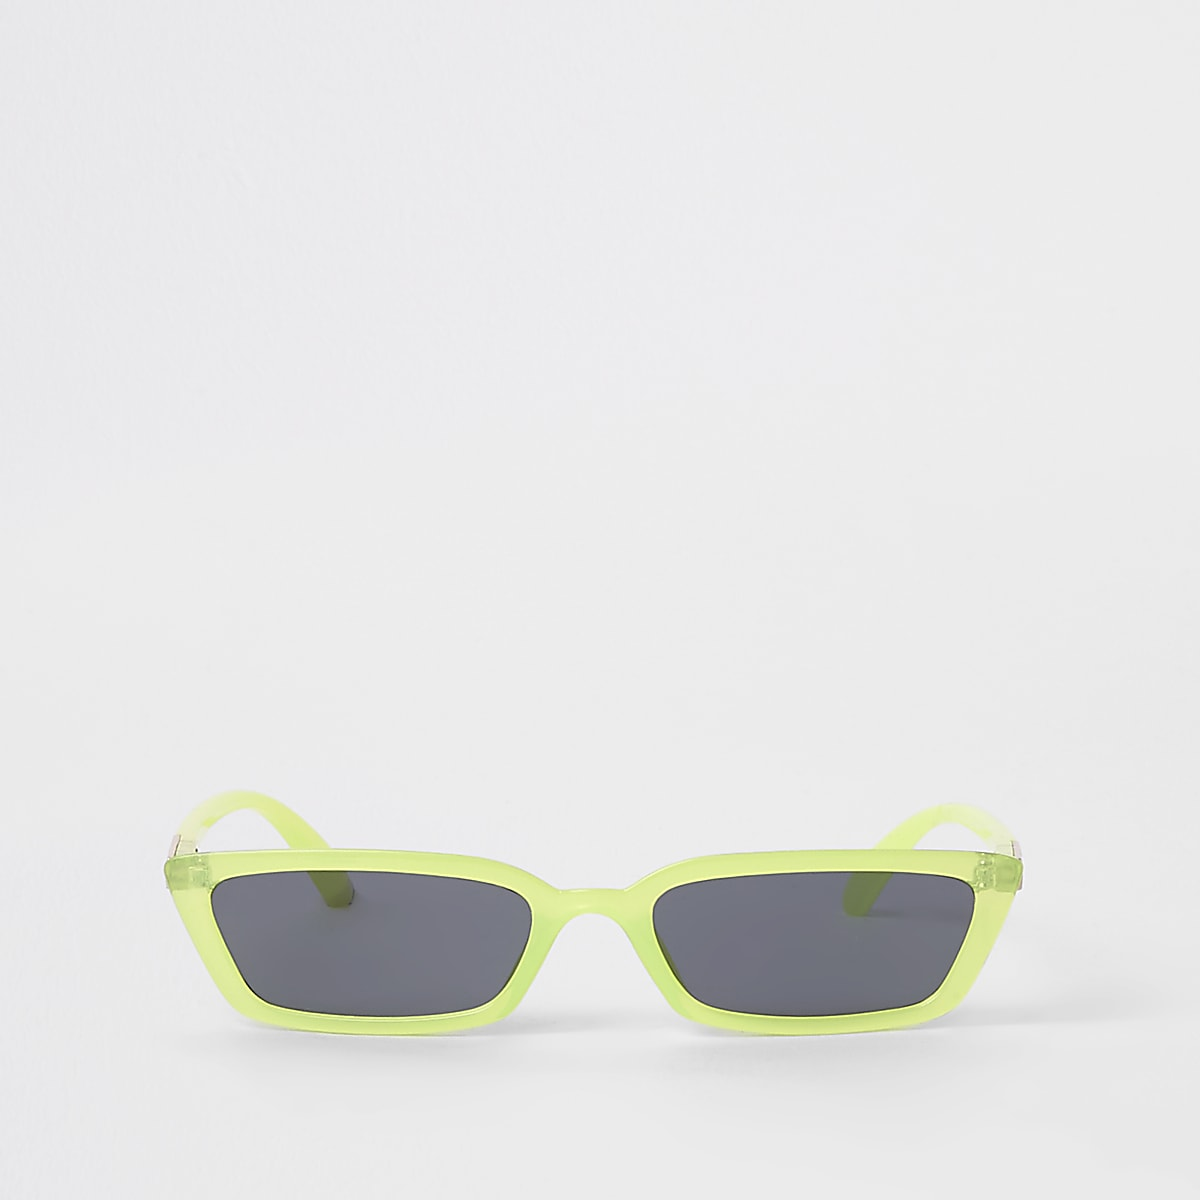 Neongrüne Sonnenbrille